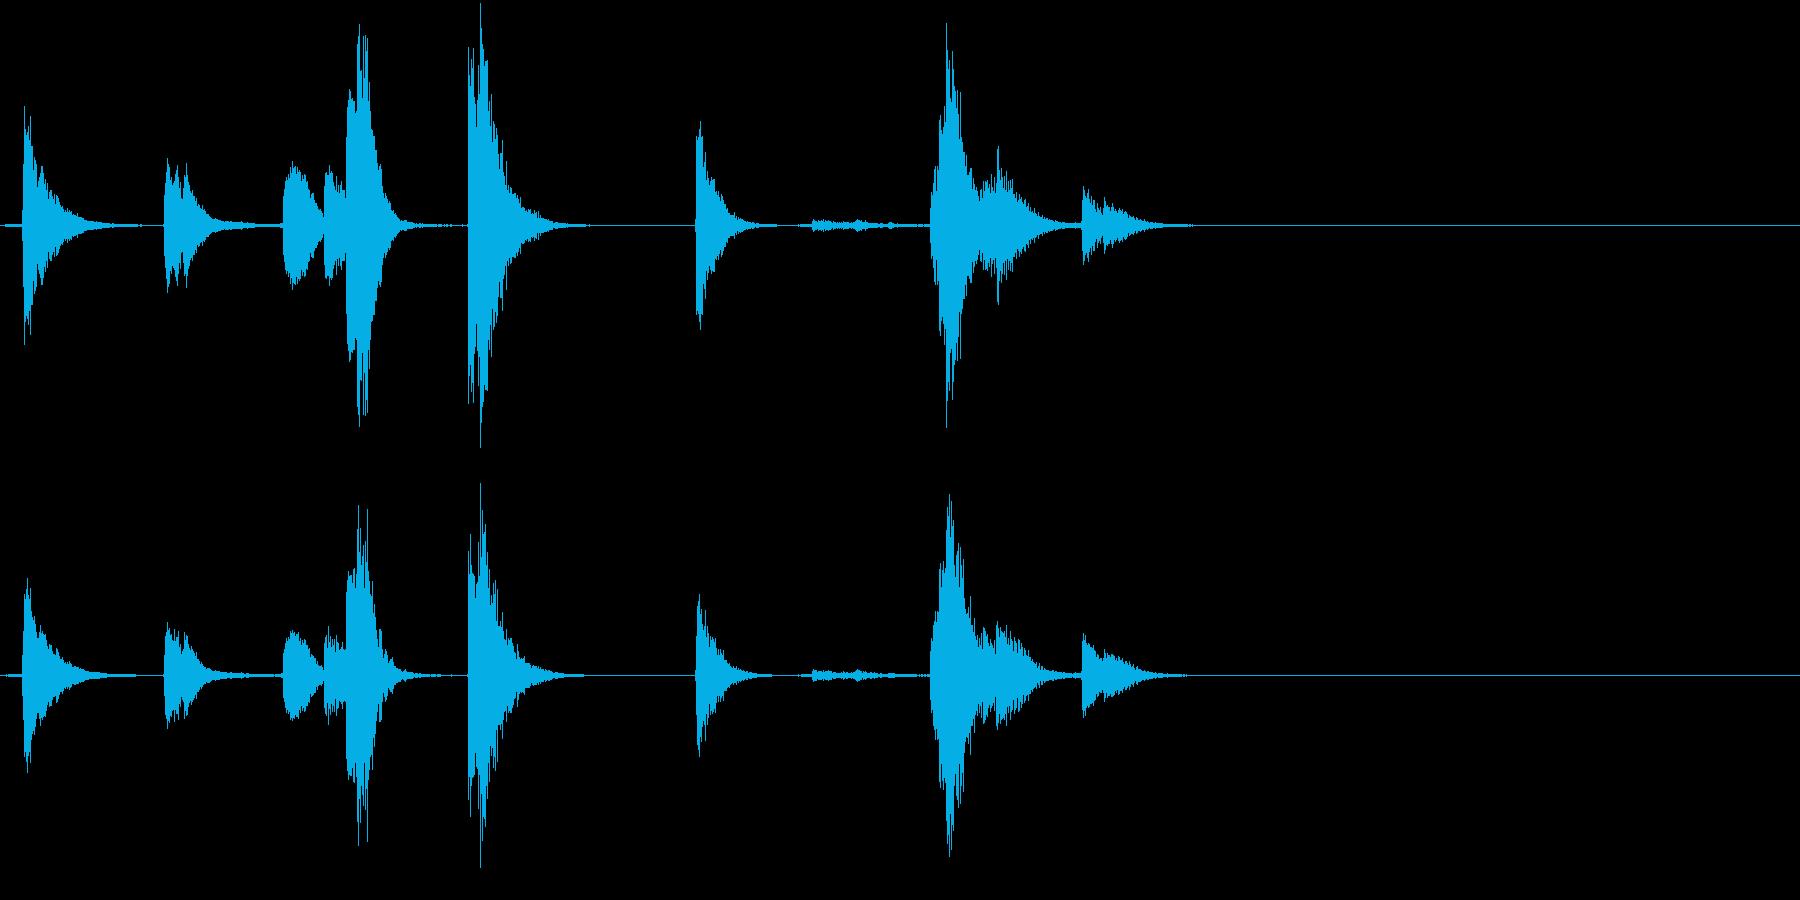 【生録音】TeaCup 食器の音 1の再生済みの波形